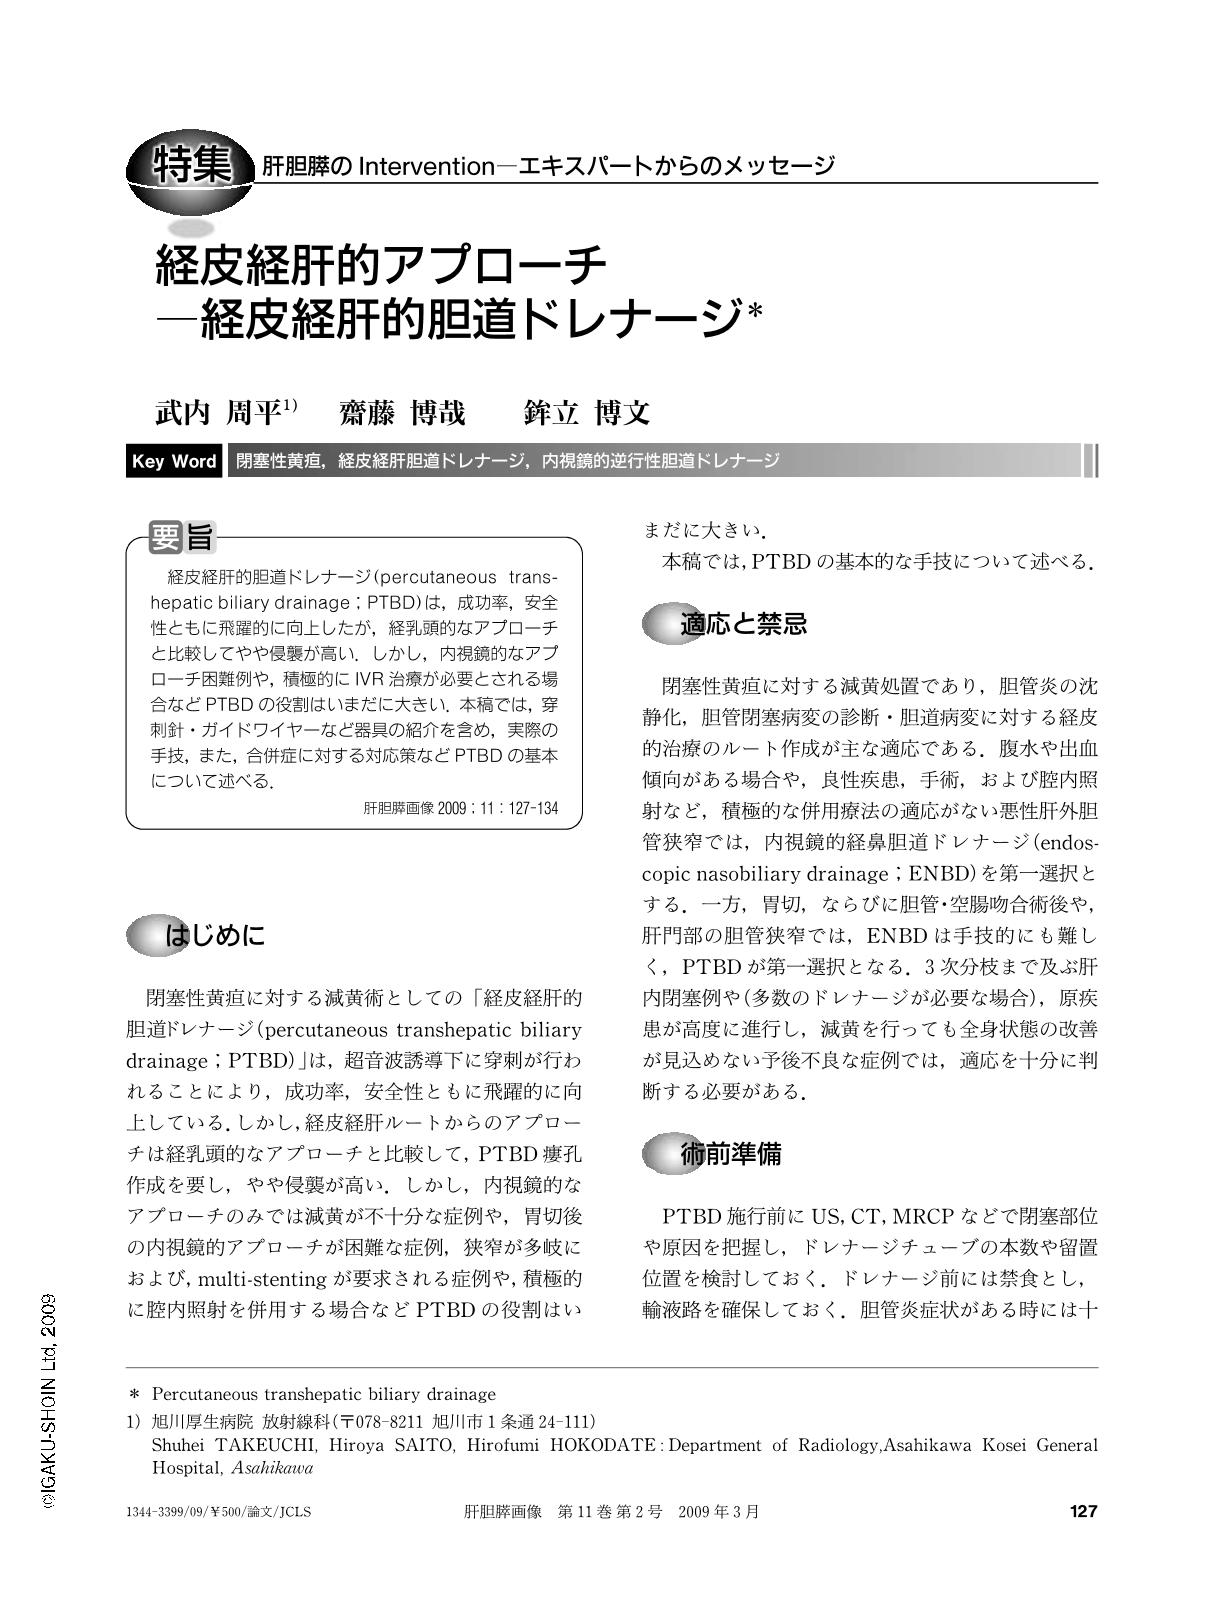 経 皮 経 肝 胆嚢 ドレナージ